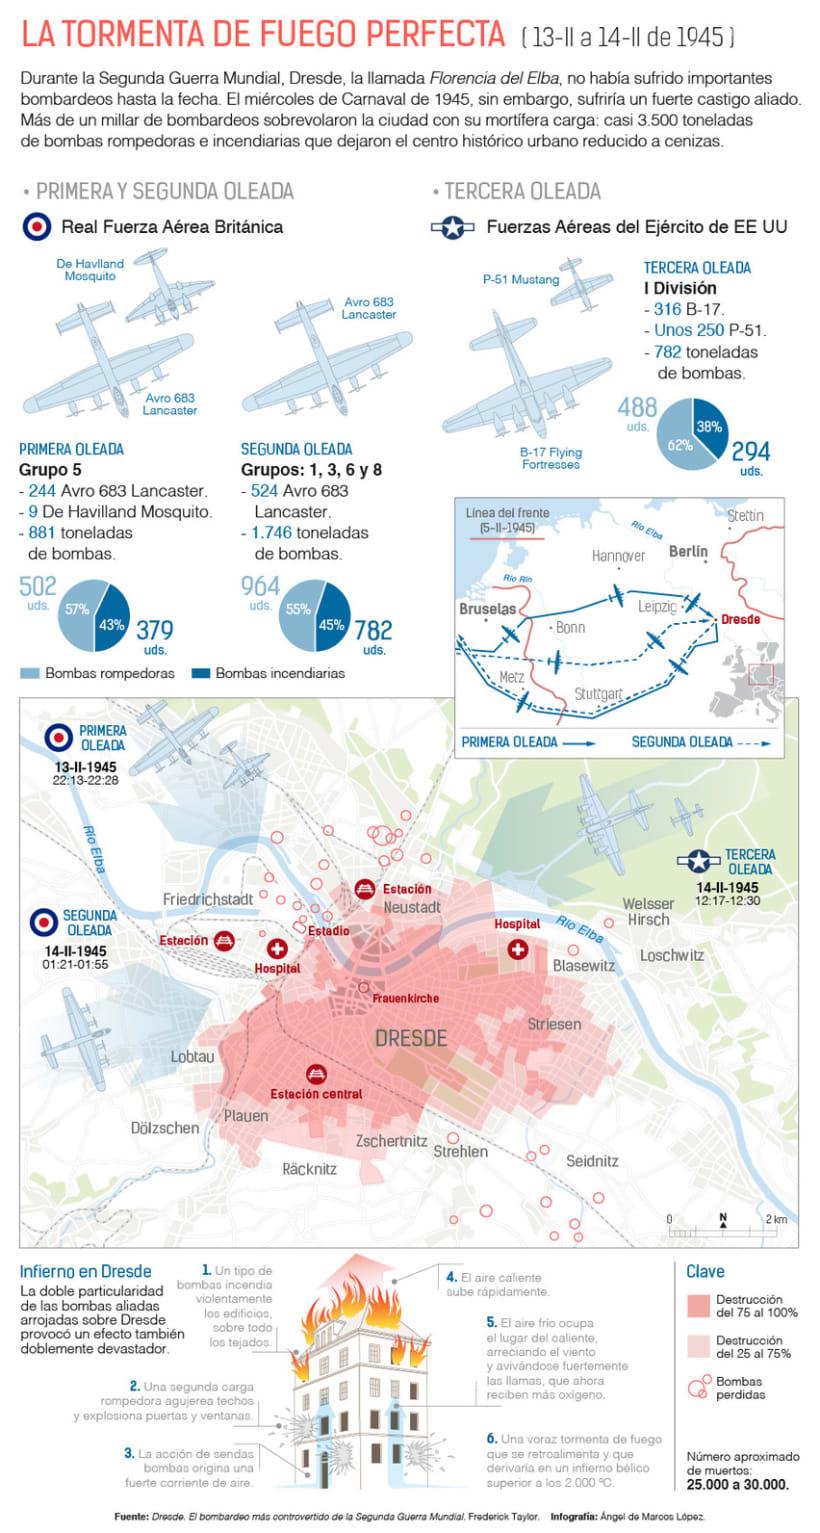 Infografía bombardeo de Dresde 0